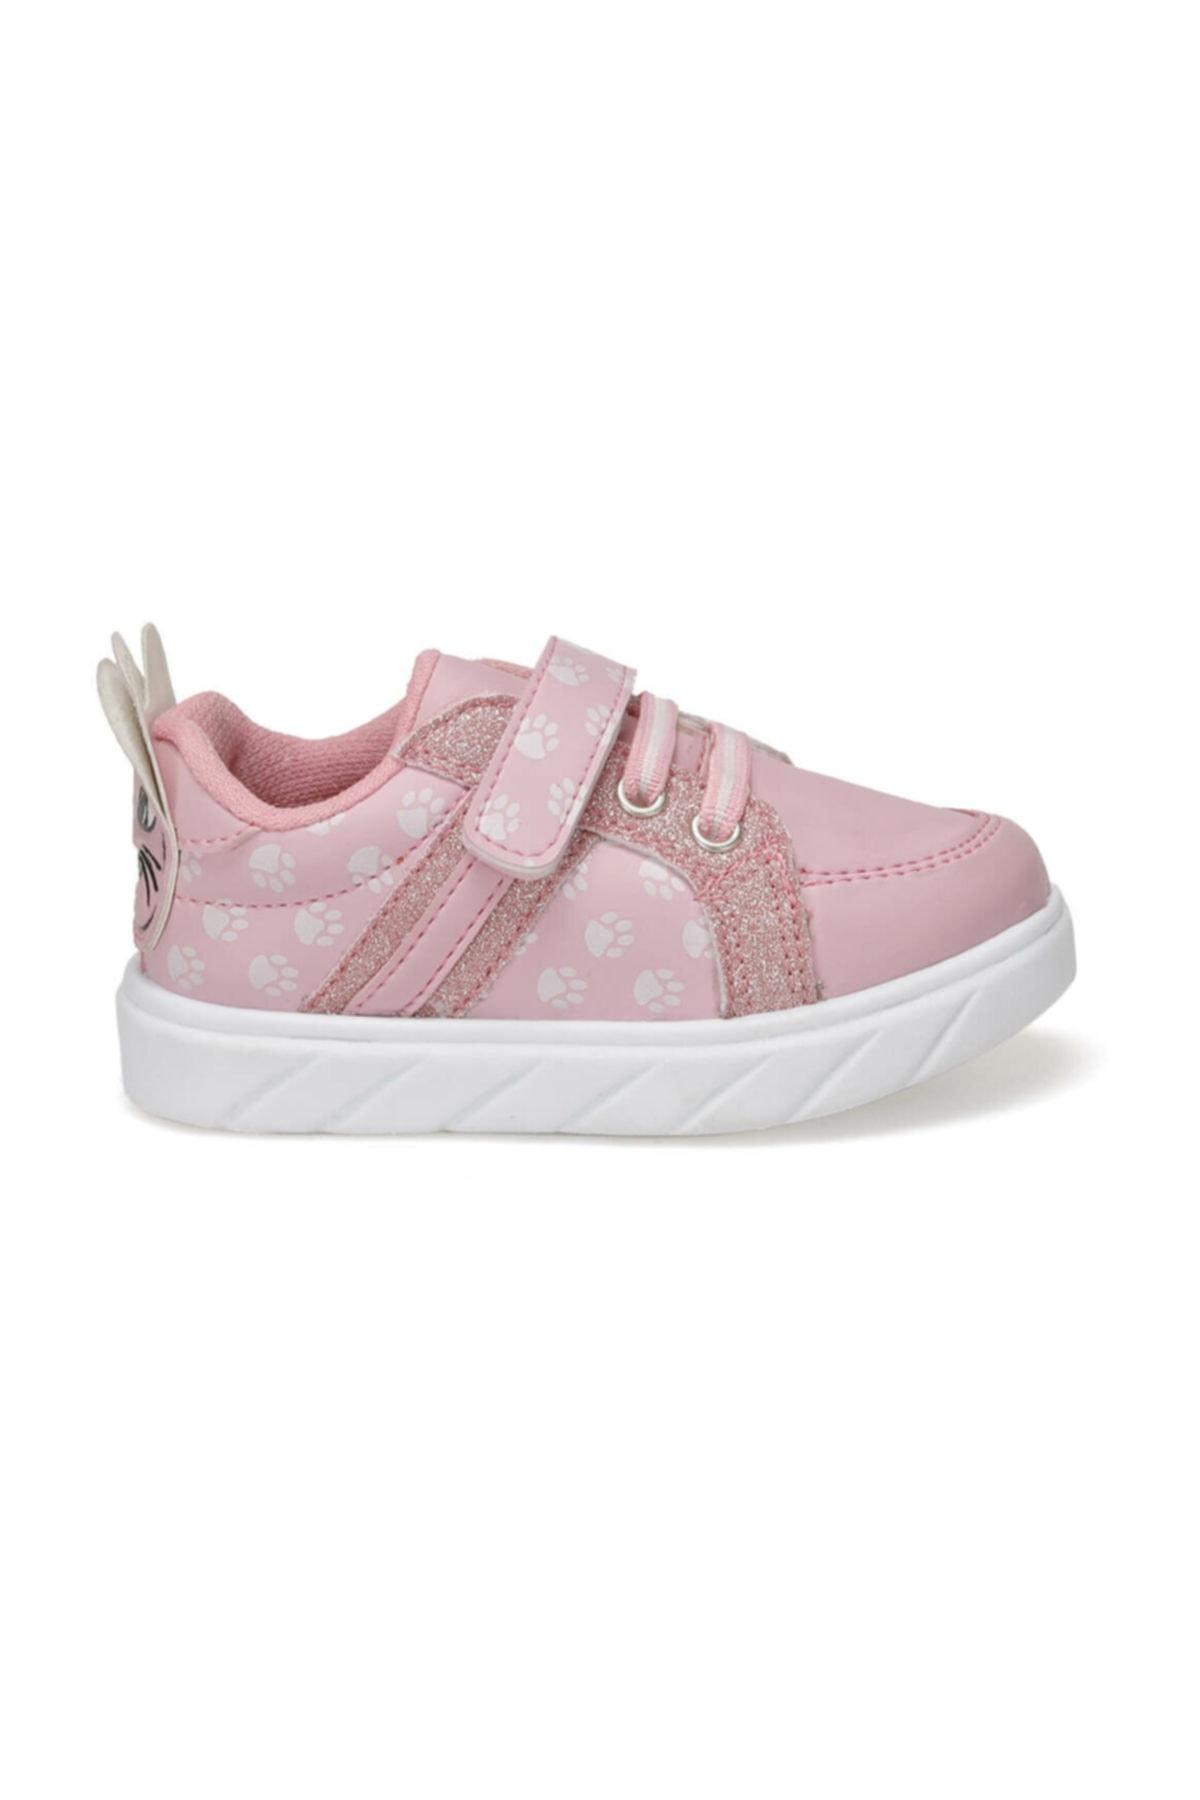 BALLOON-S GATTI Pembe Kız Çocuk Sneaker Ayakkabı 100439384 2